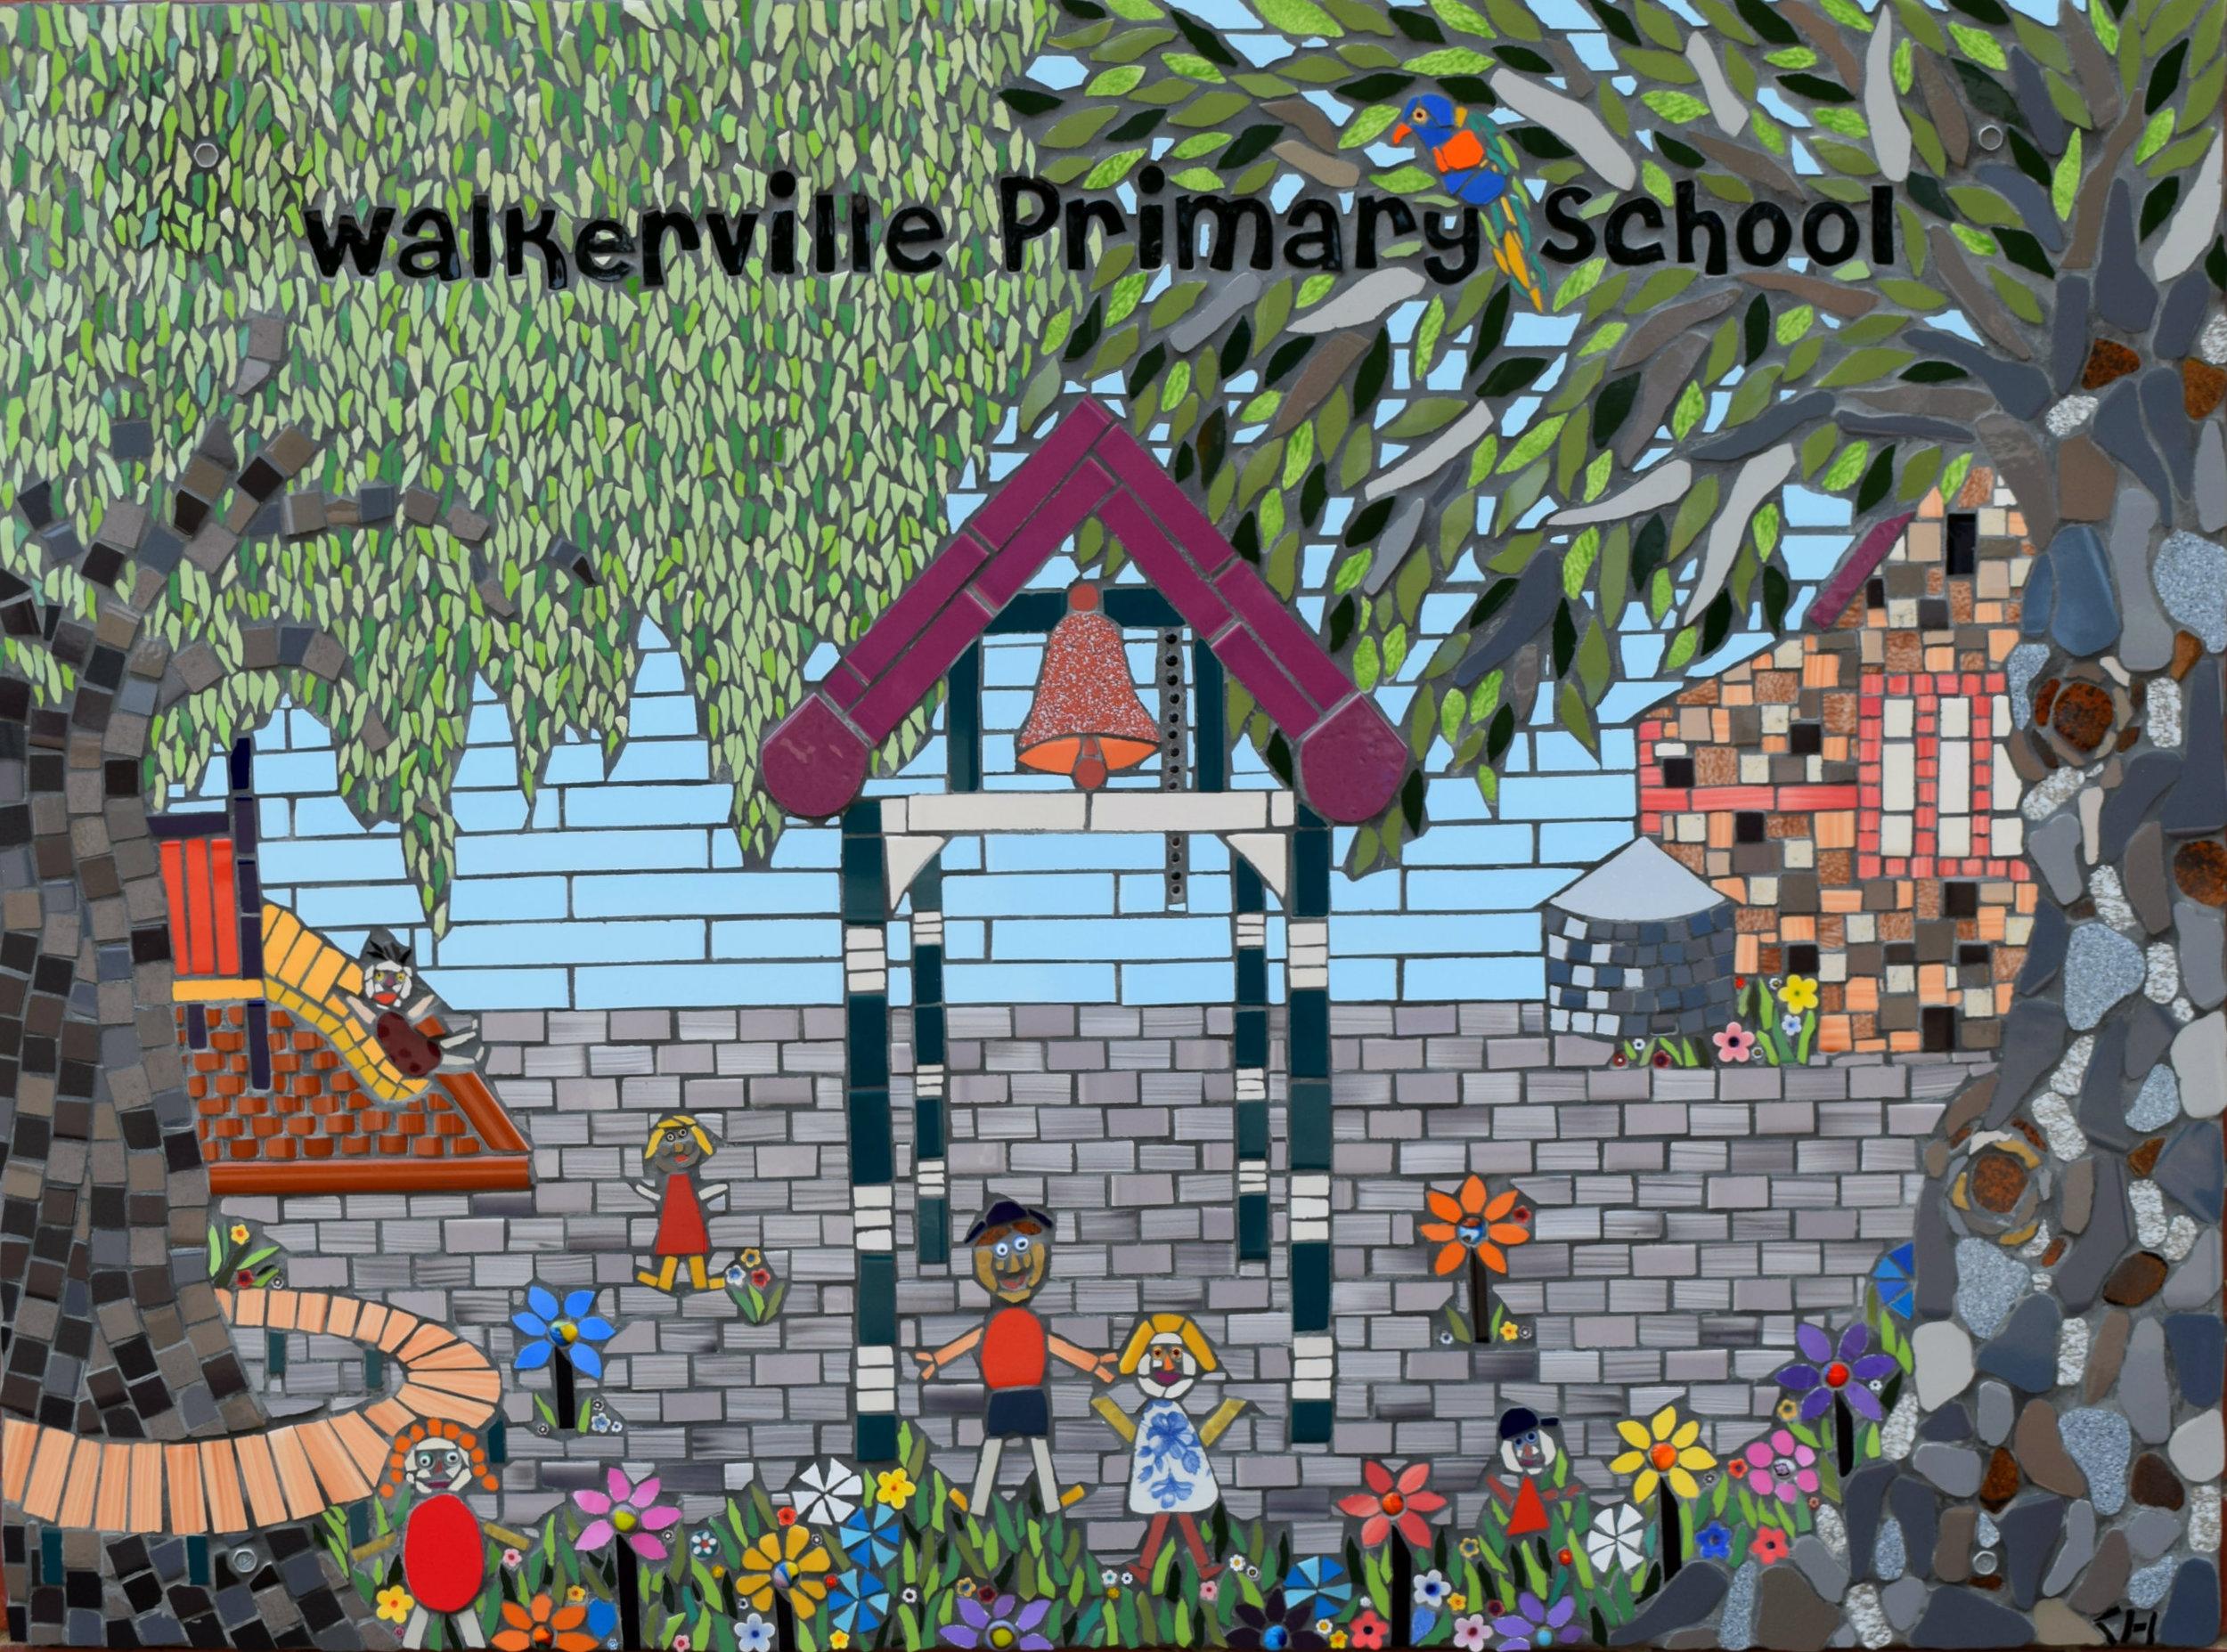 Walkerville Primary School Mural